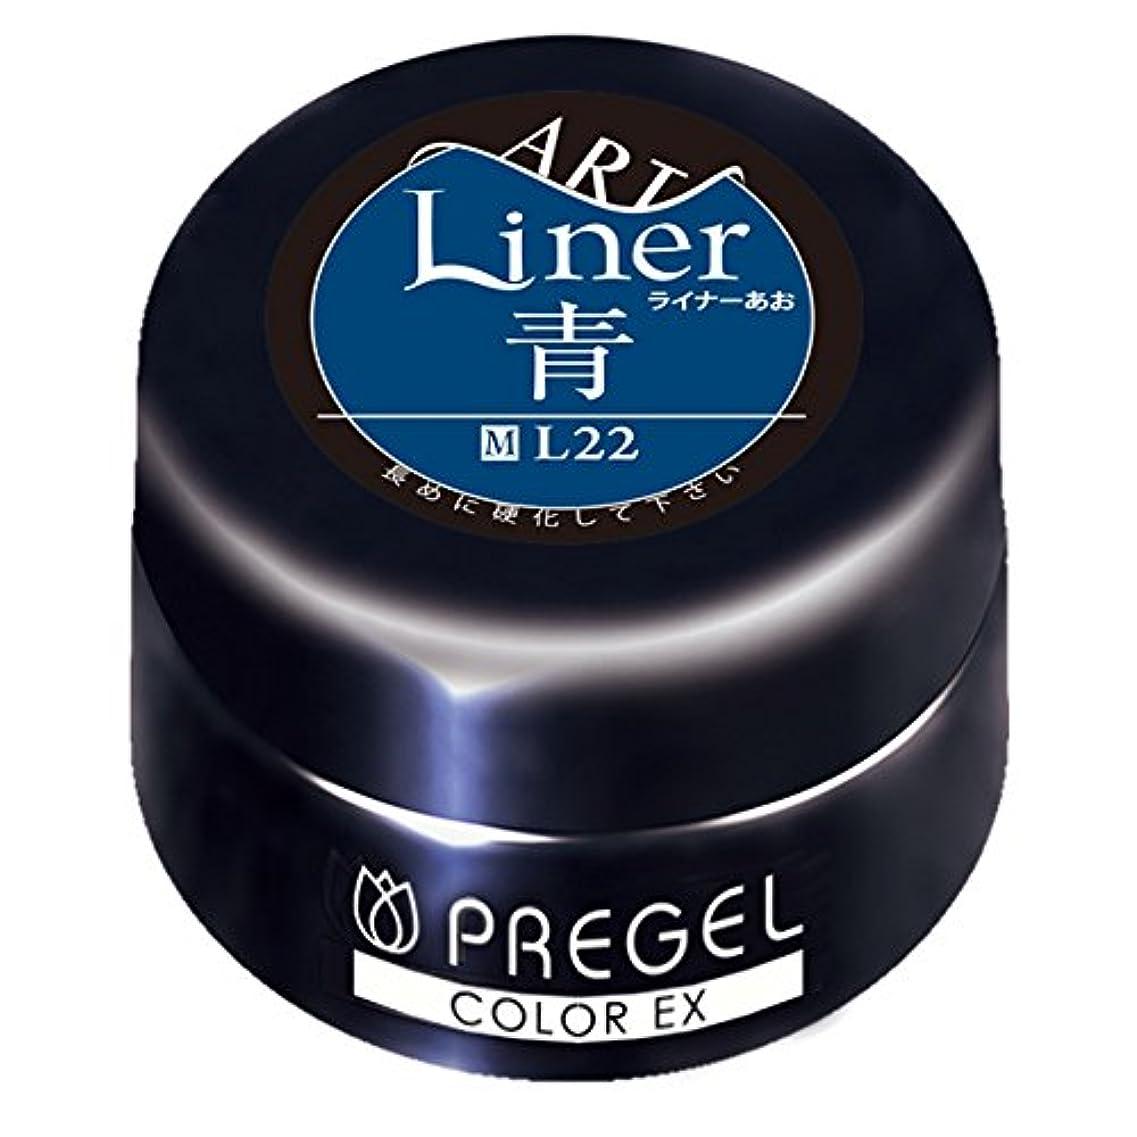 入札推進力きゅうりPRE GEL カラーEX ライナー青 3g PG-CEL22 UV/LED対応